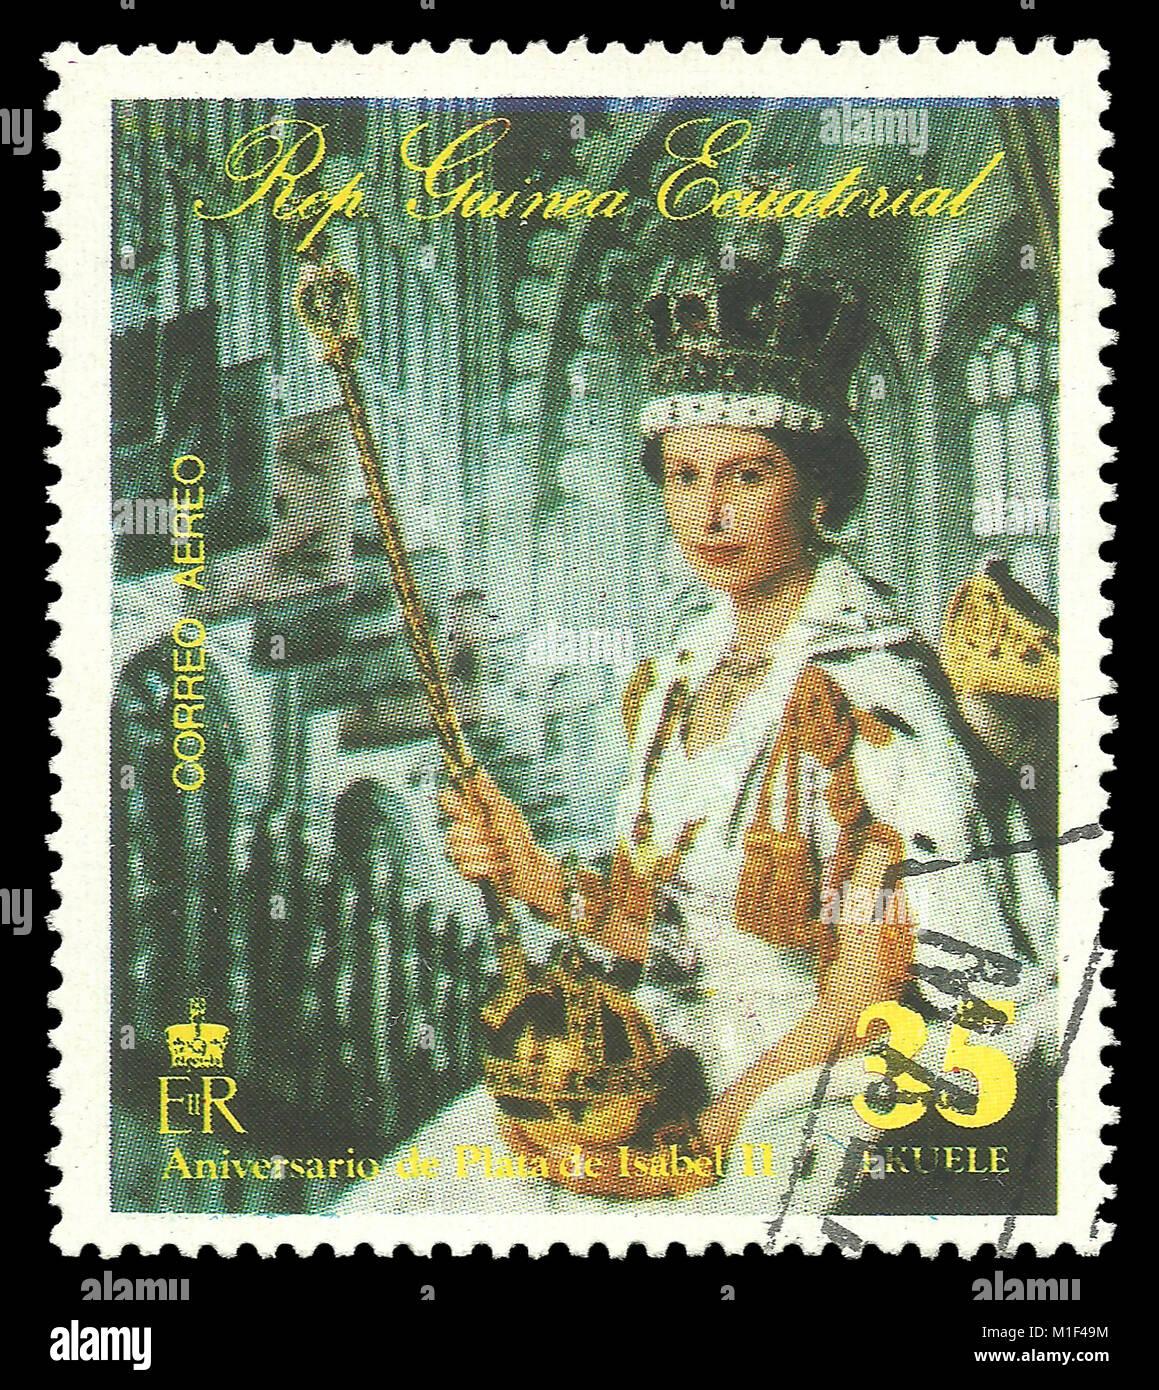 Queen Elizabeth Ii Crown Royalty Stock Photos & Queen